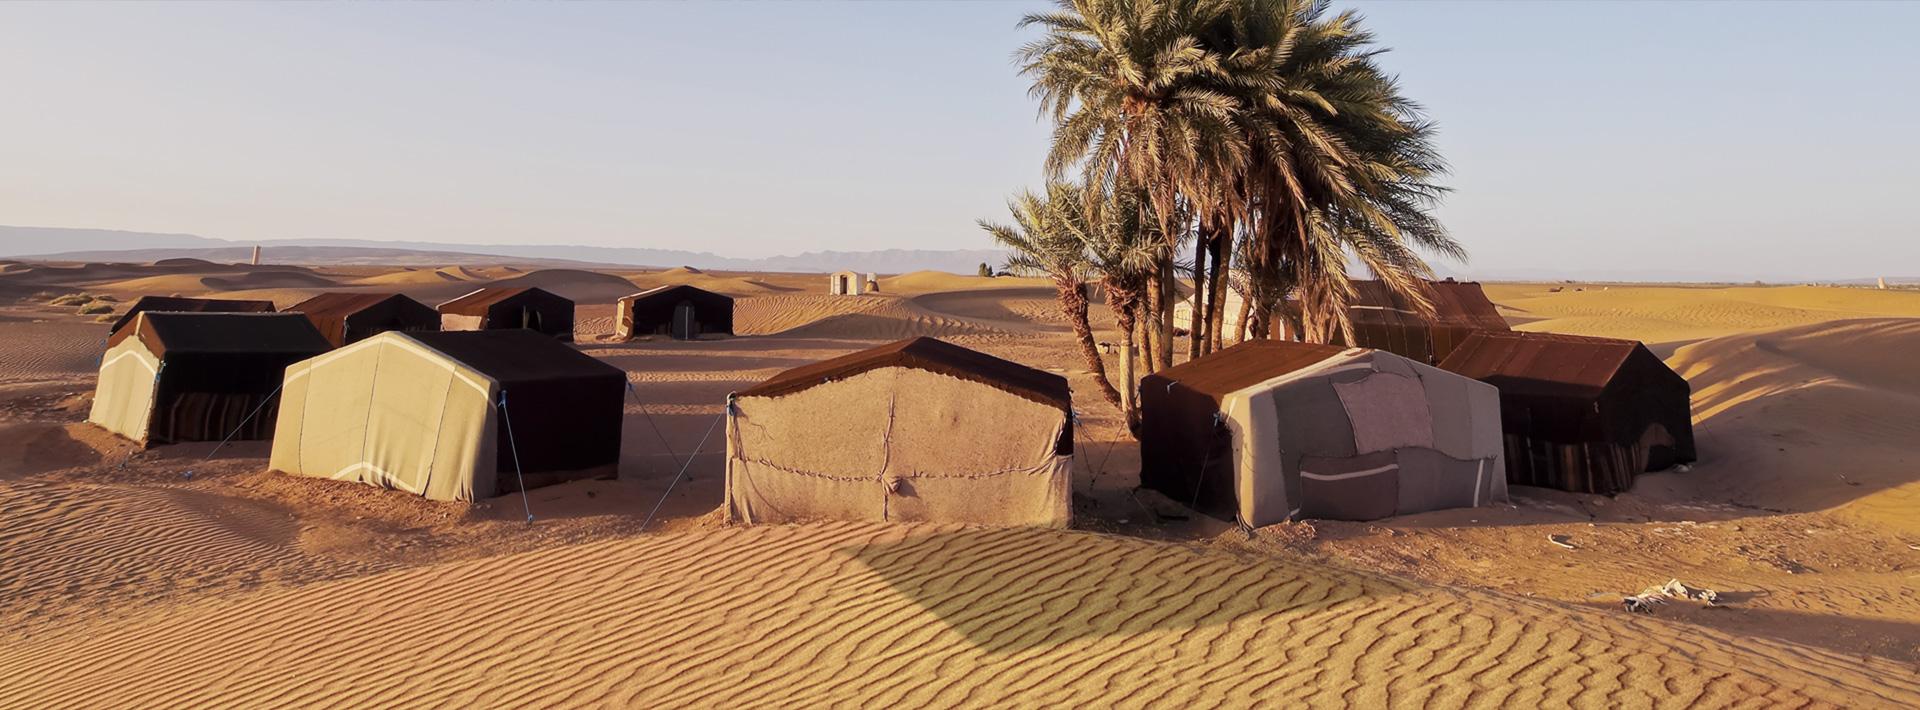 03_desert